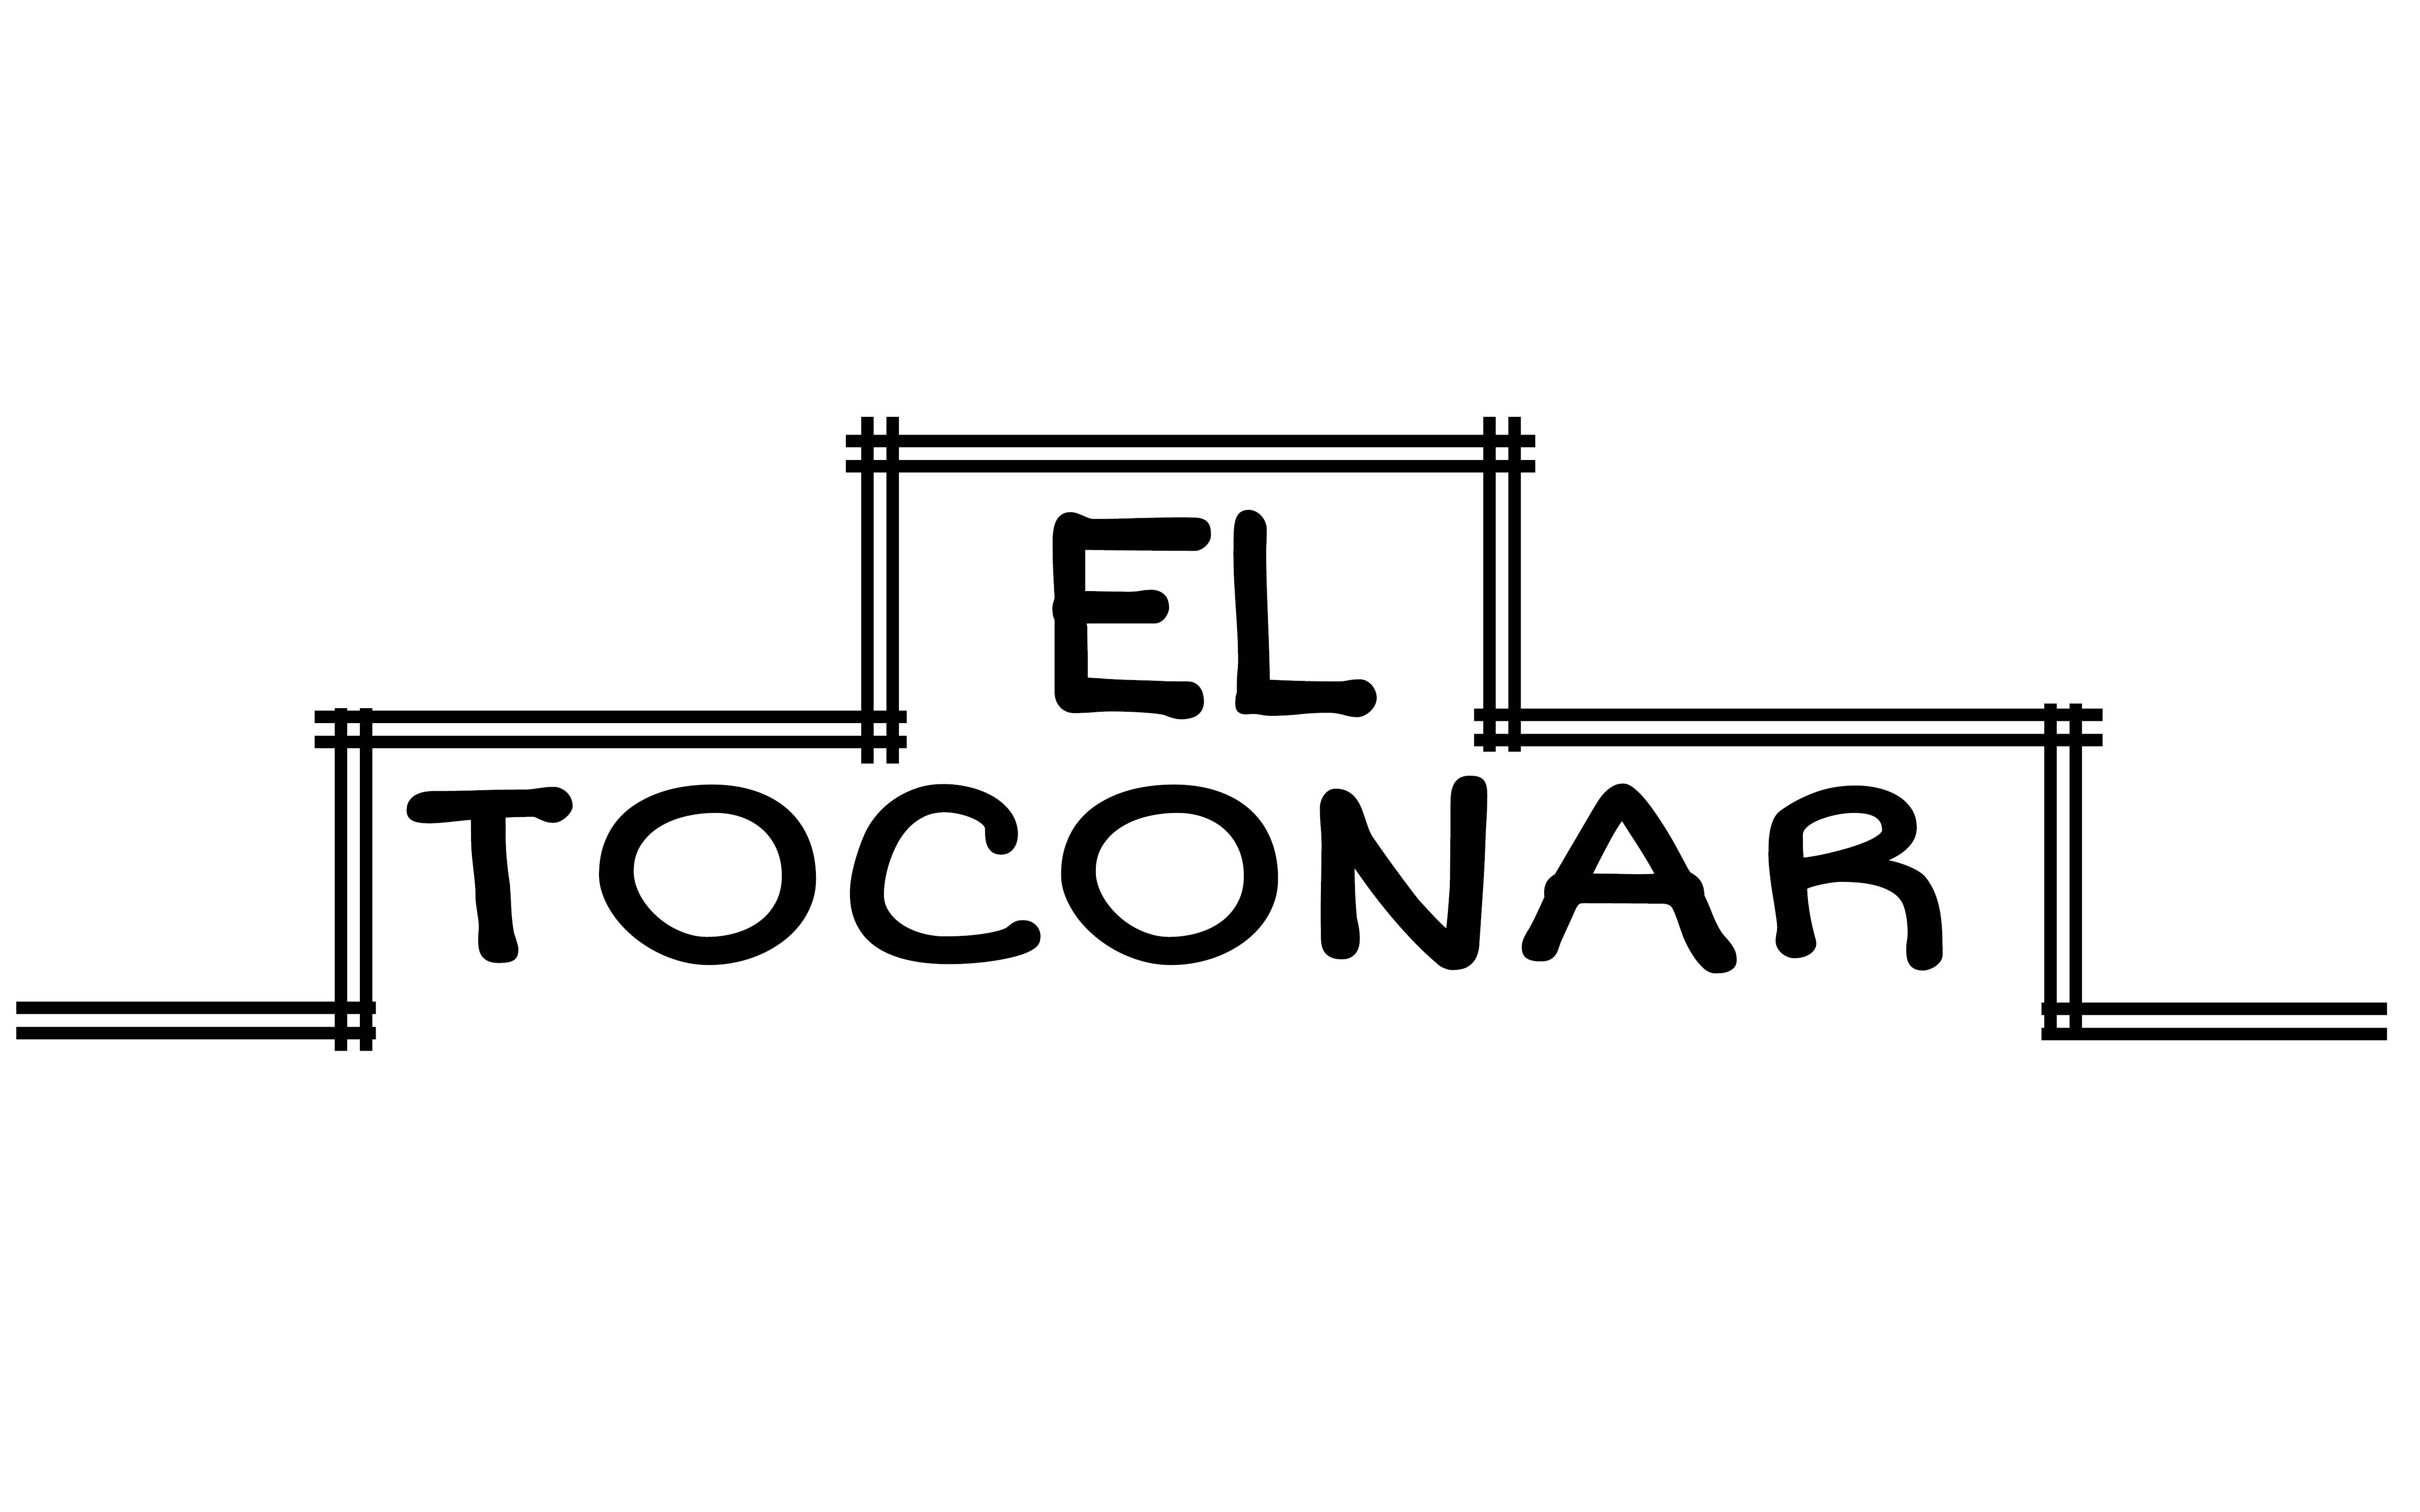 El Toconar